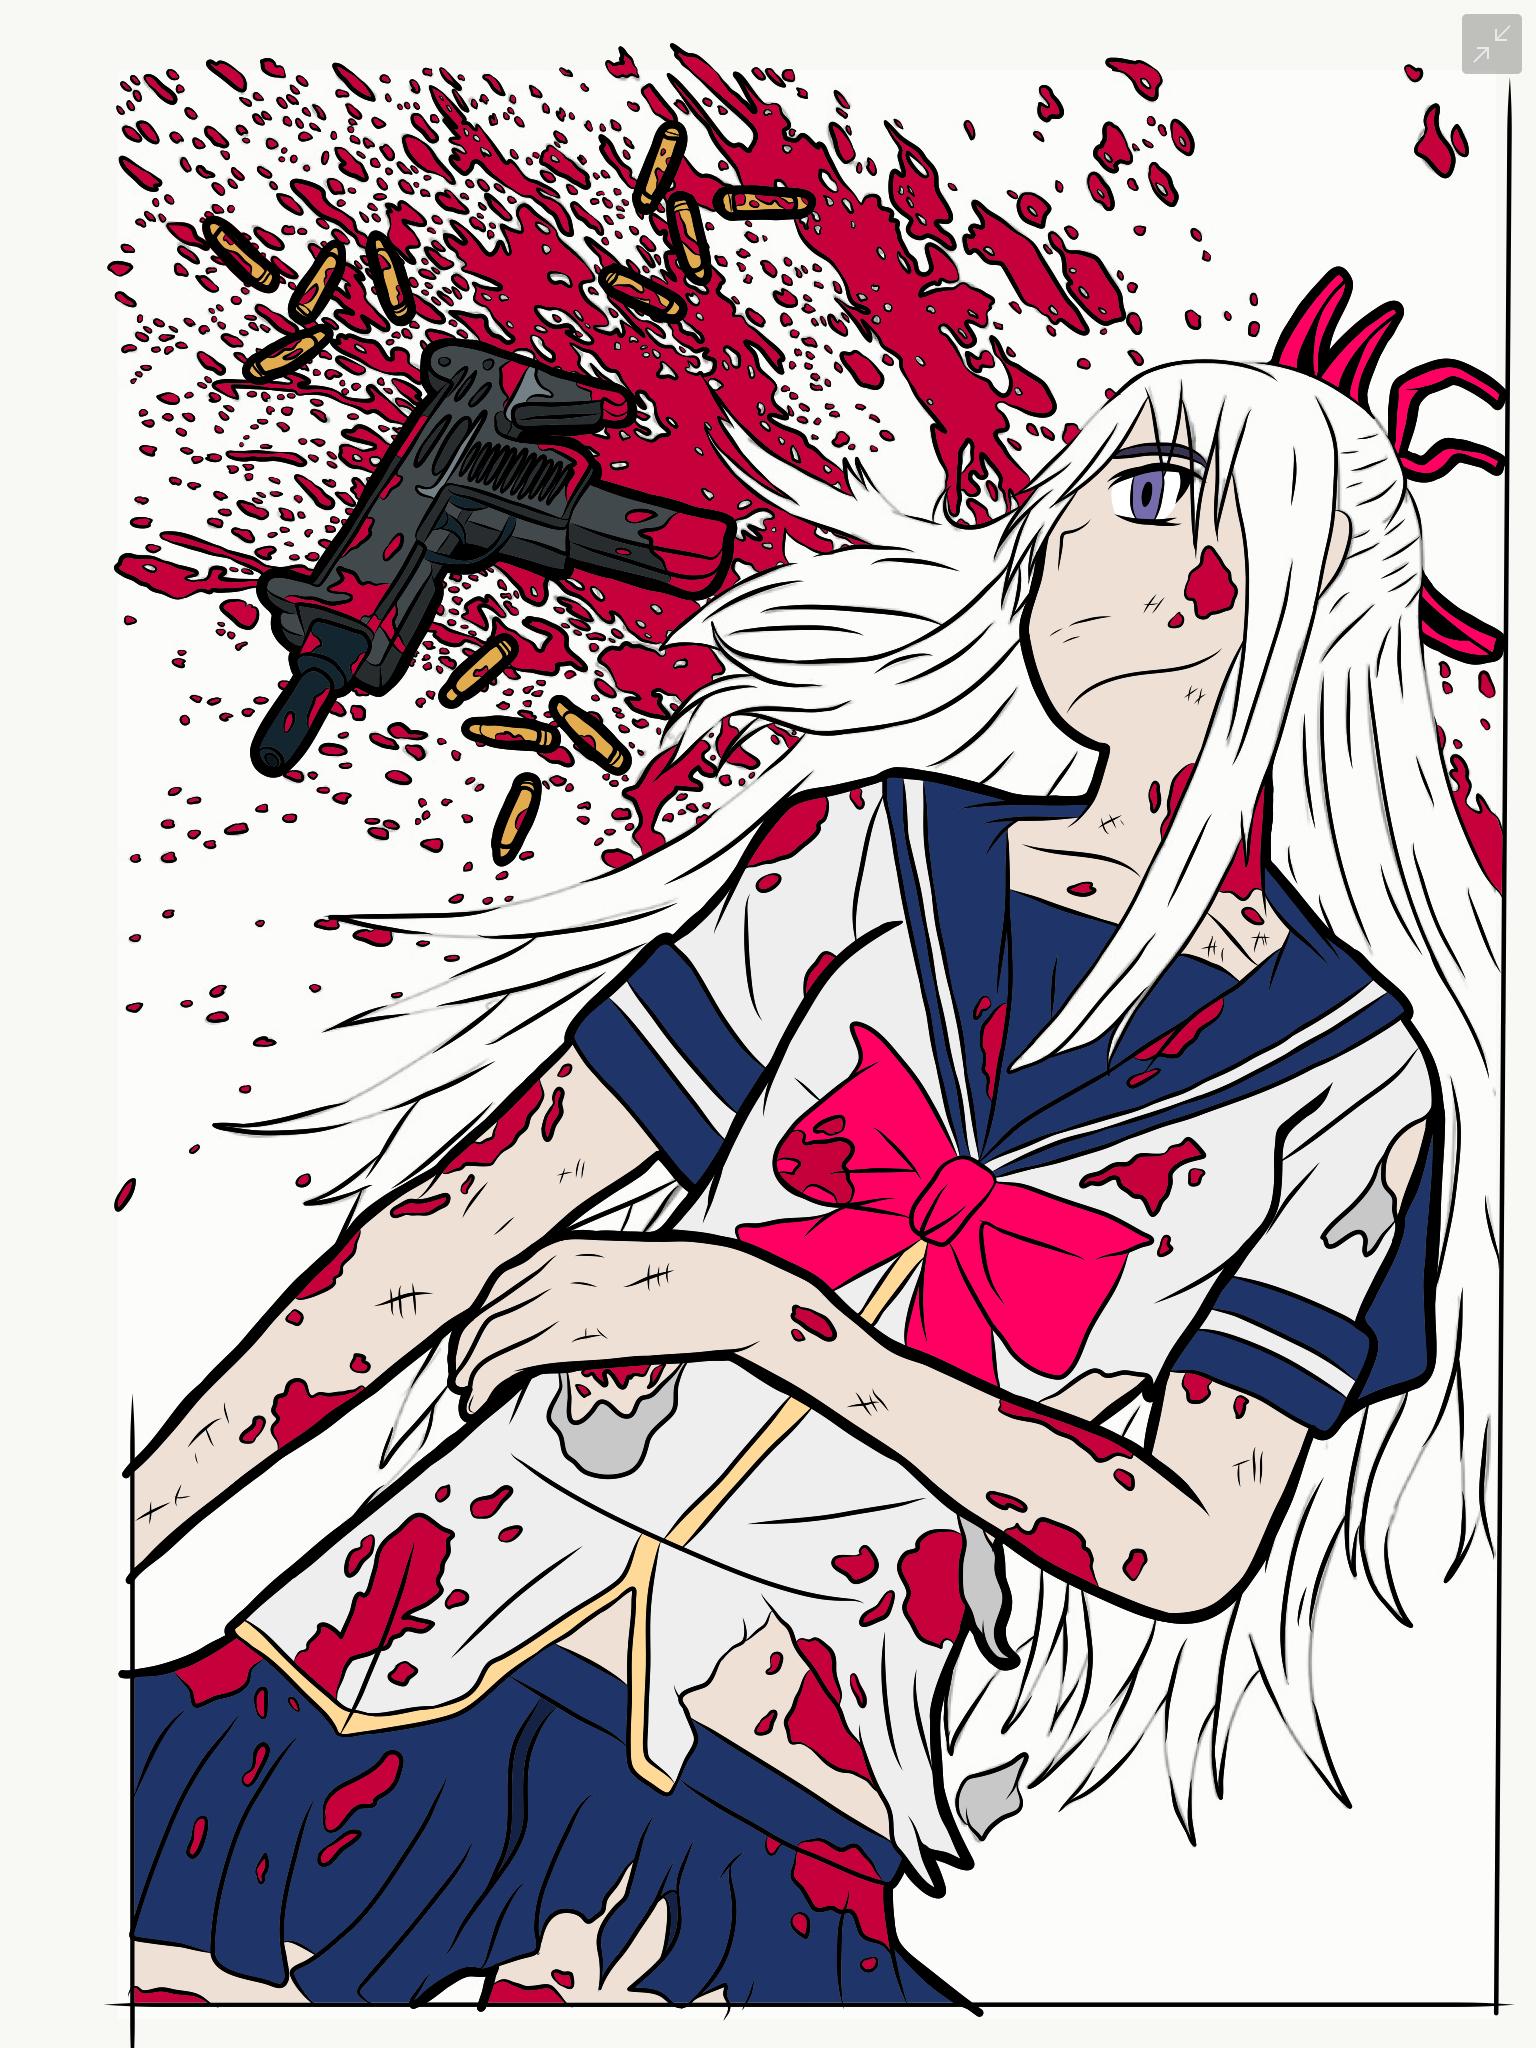 corpse-princess-pop-art-process-image-3.png